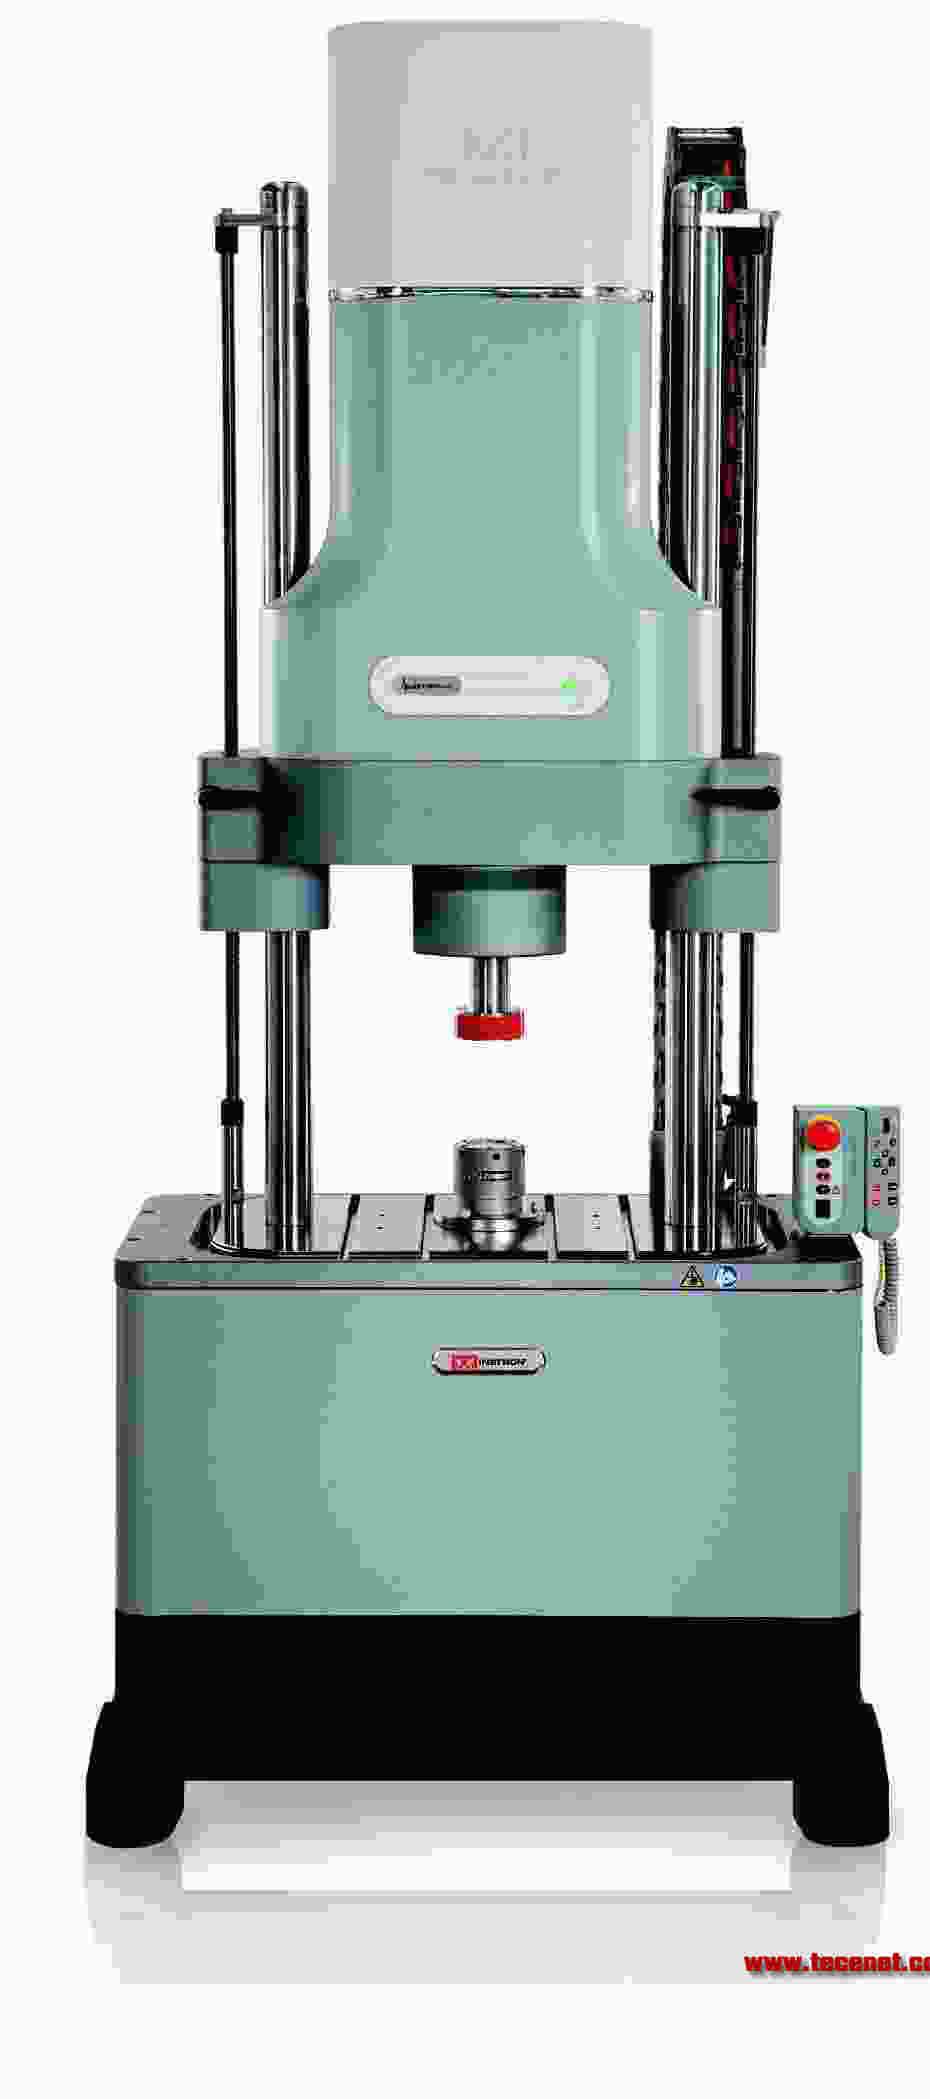 英斯特朗E10000拉扭动态万能材料试验机